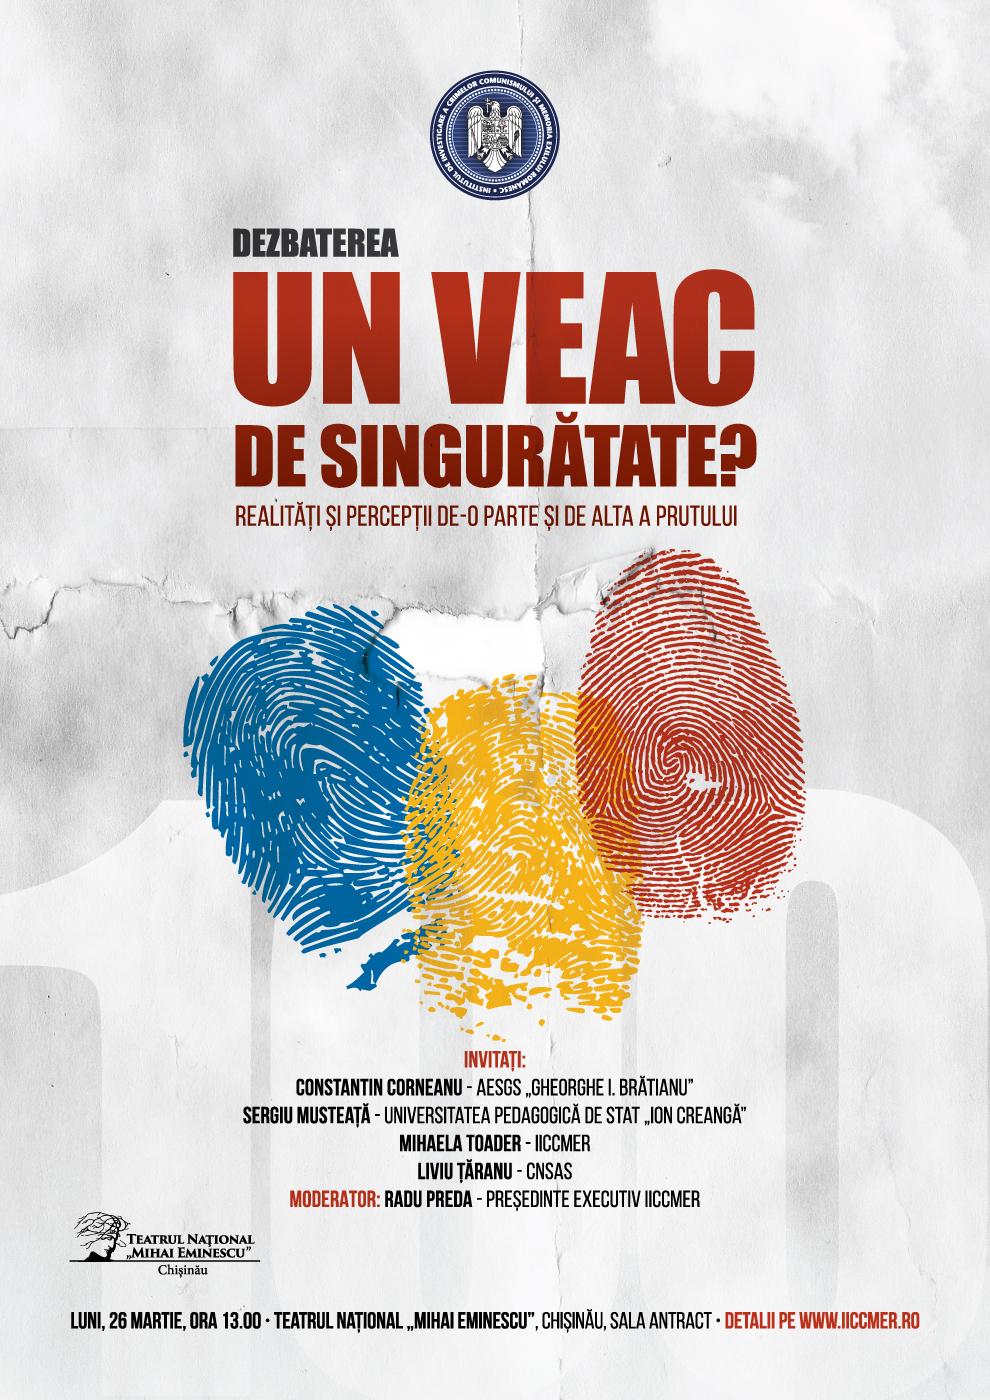 Un_veac_de_singuratate_Poster_WEB-2.jpg